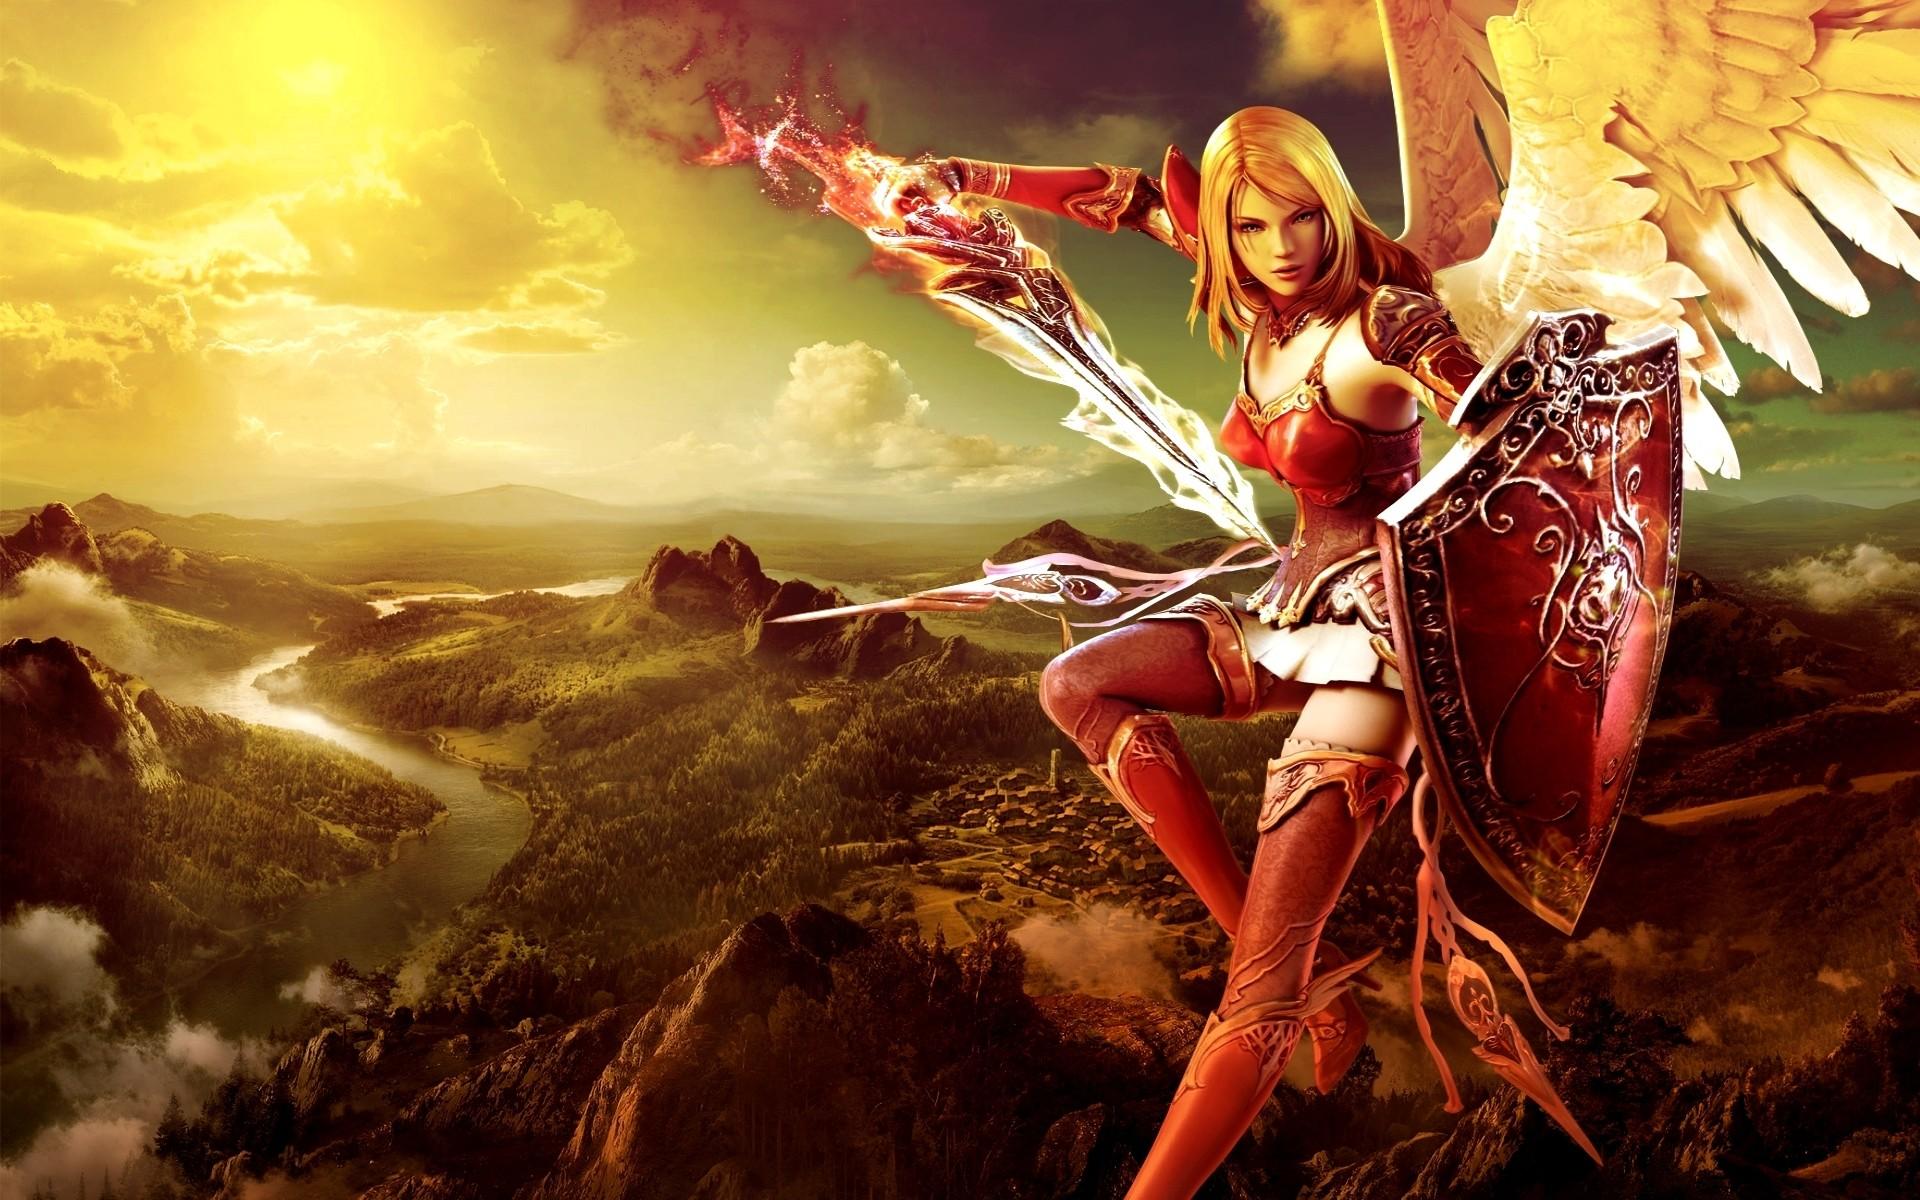 Fantasy Girl Warrior Wallpaper Wallpapersafari